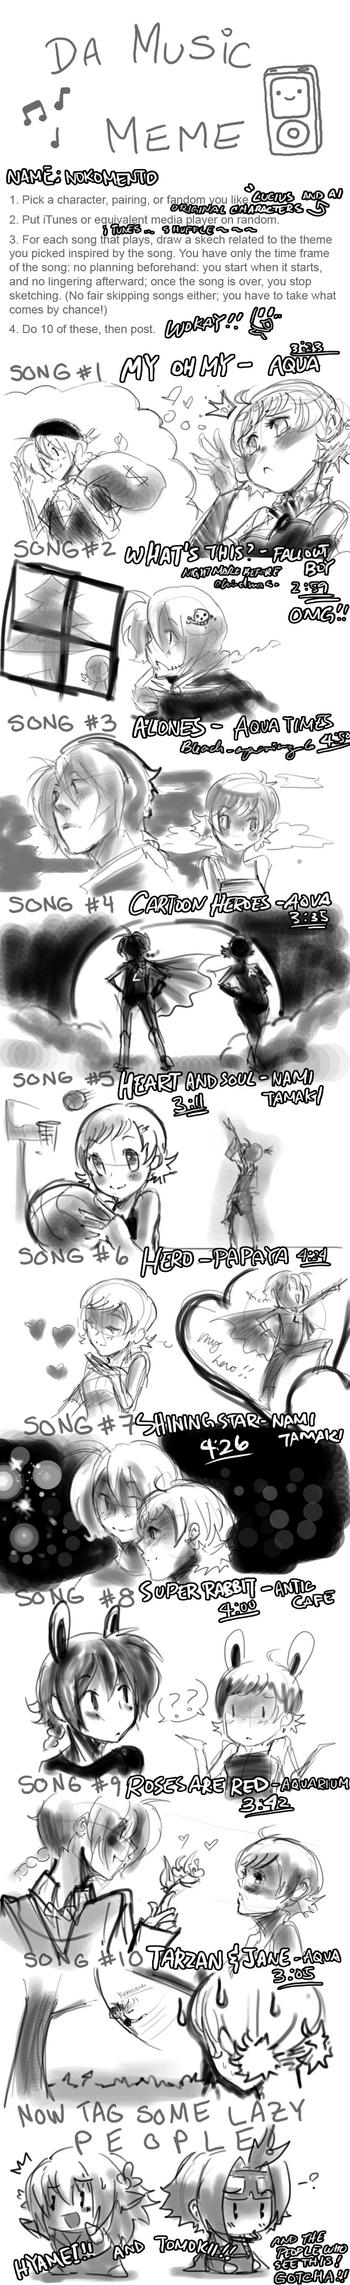 Music Meme XDDDD by Nokomento